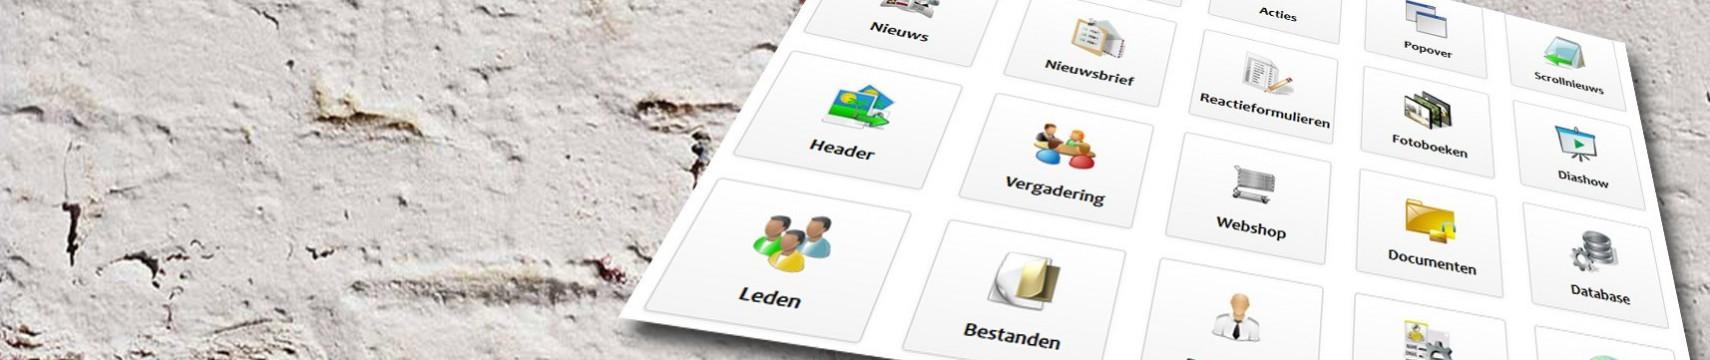 Compleet CMS met webshop